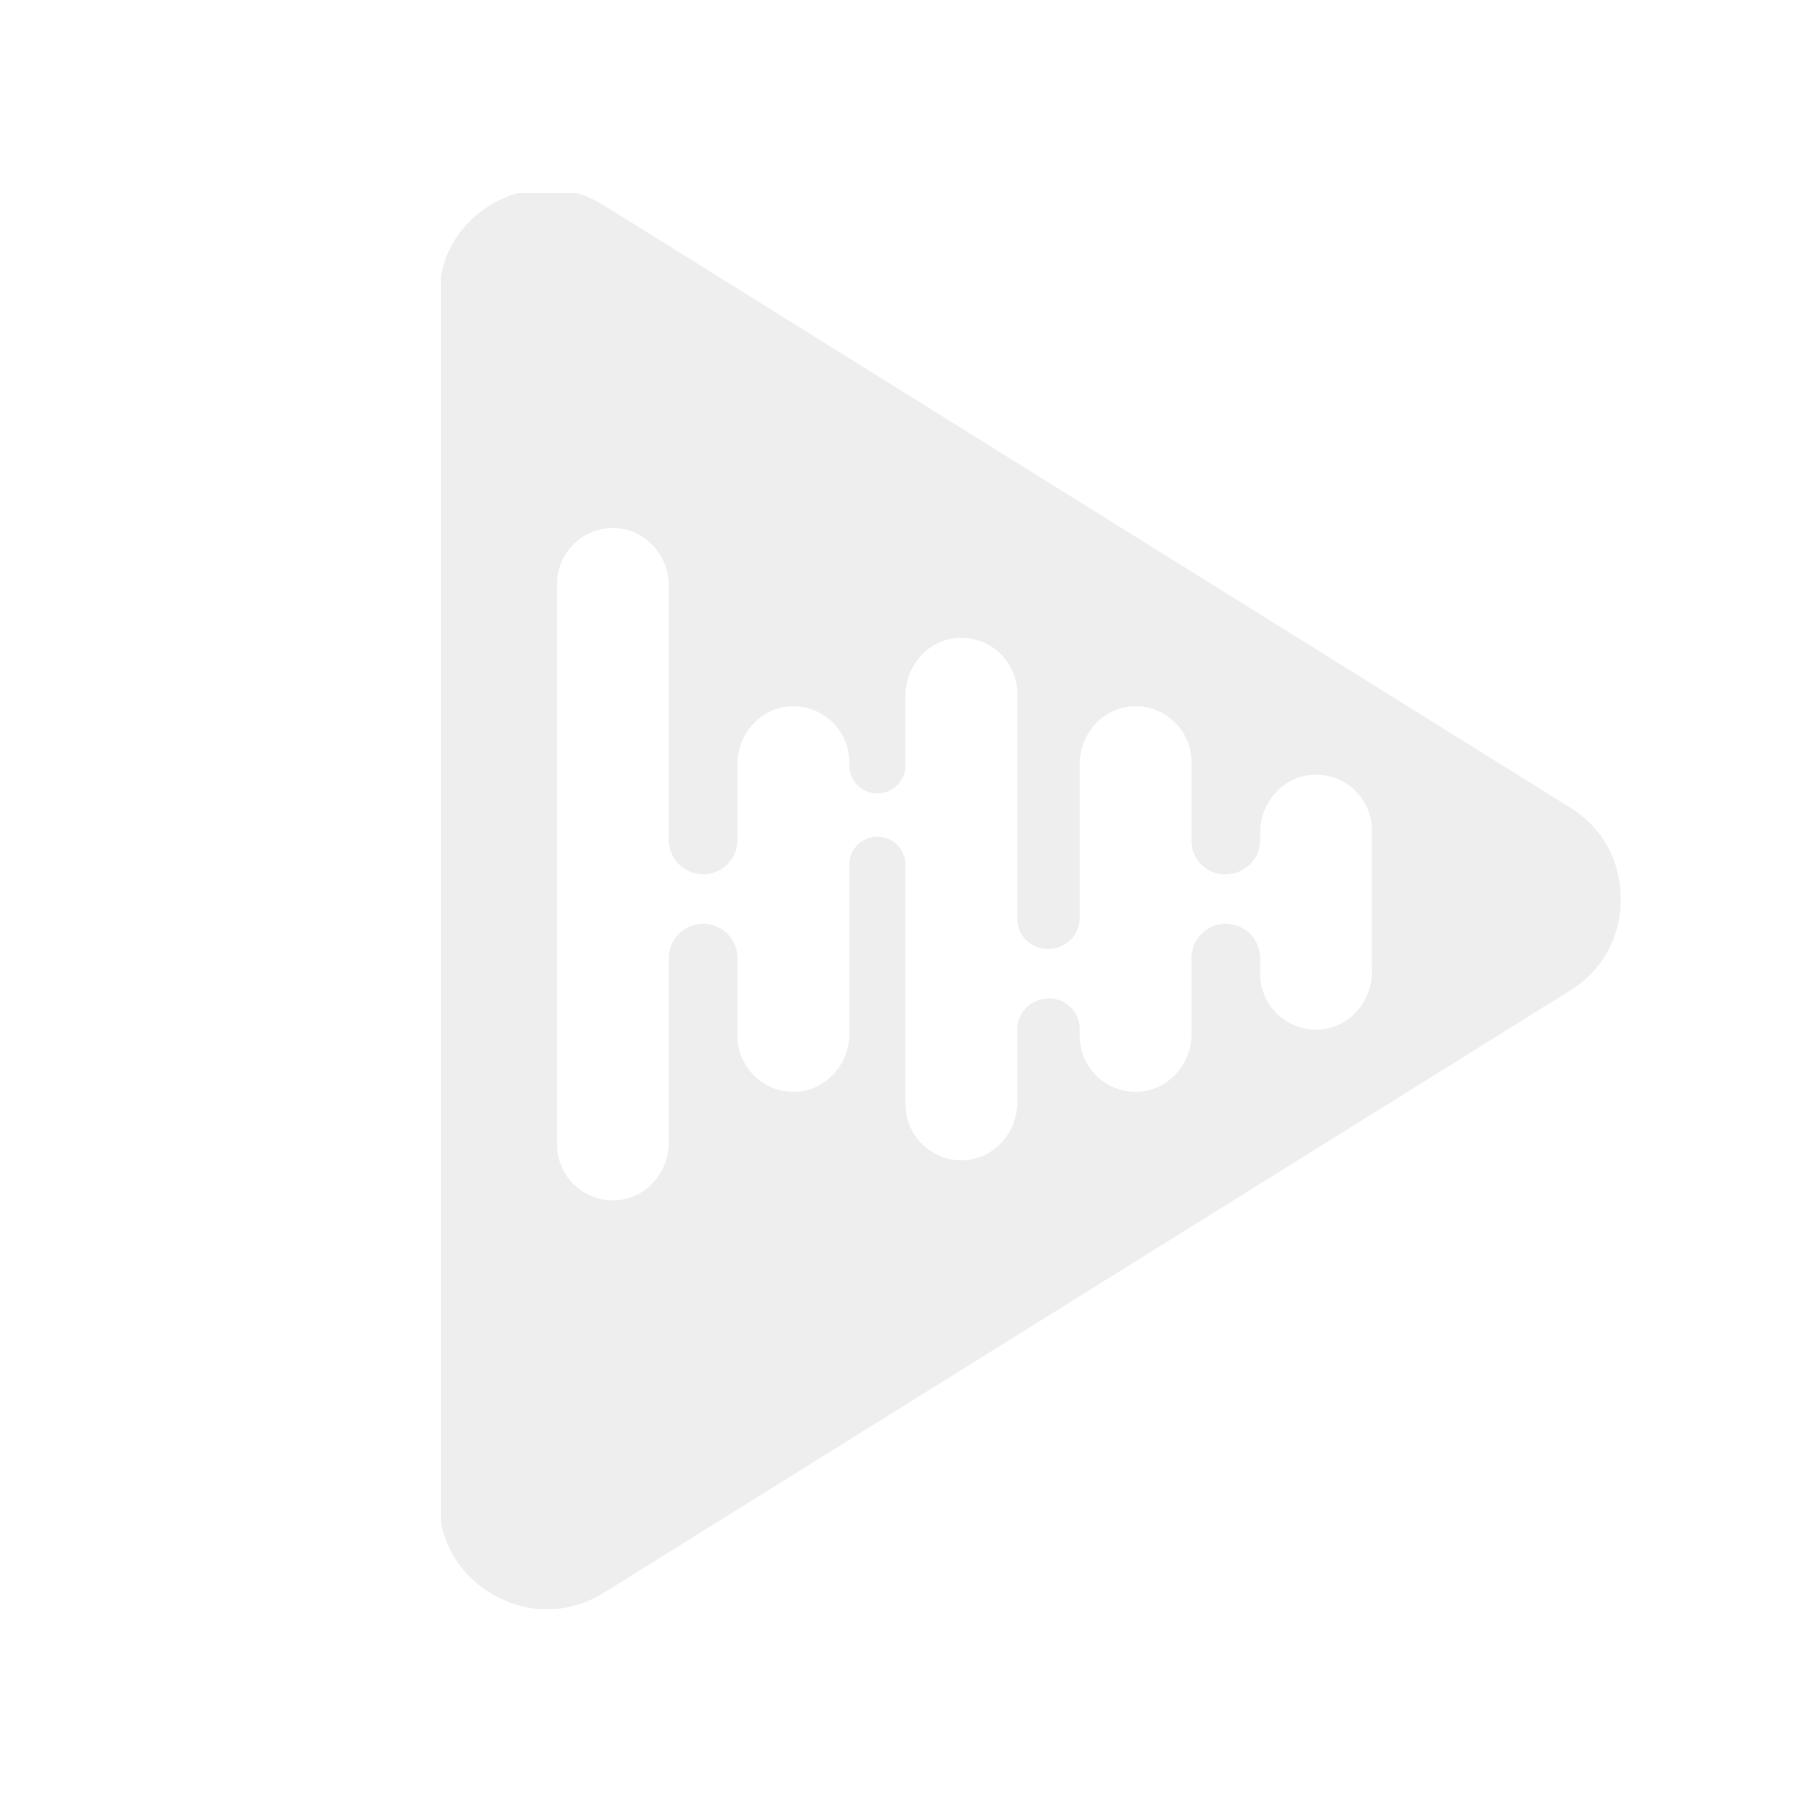 Hertz Energy EG 130.4 - 5,25